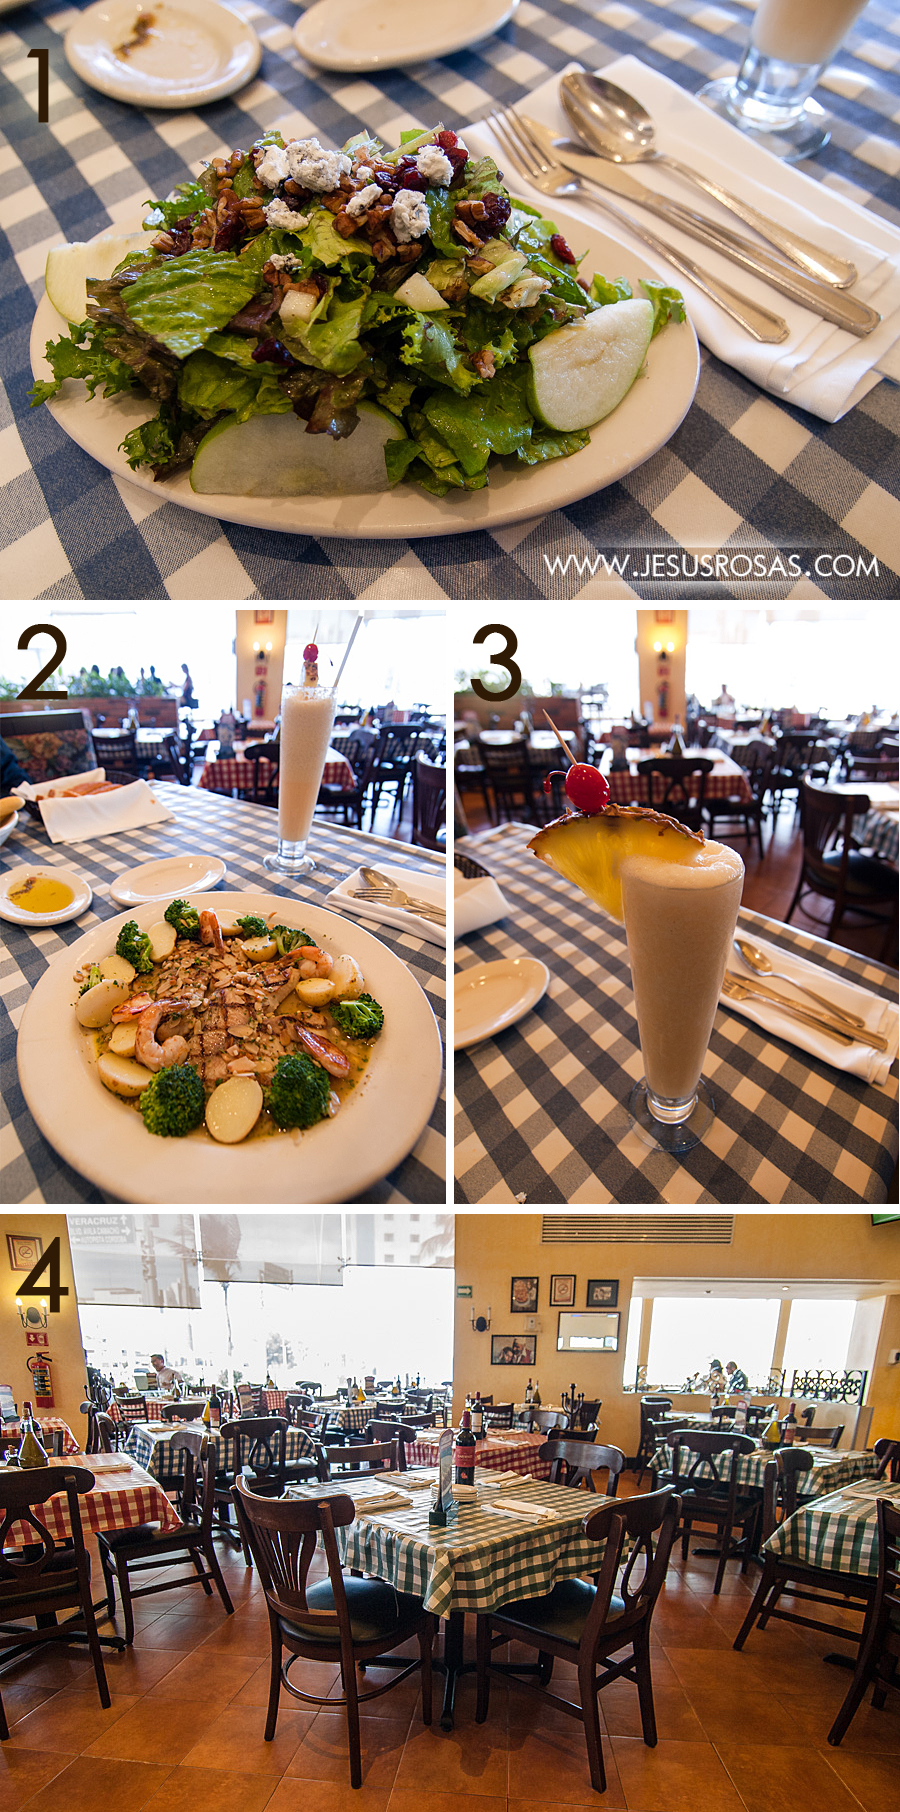 restaurante-italiannis-veracruz-mexico-pescado-ensalada-salad-fish